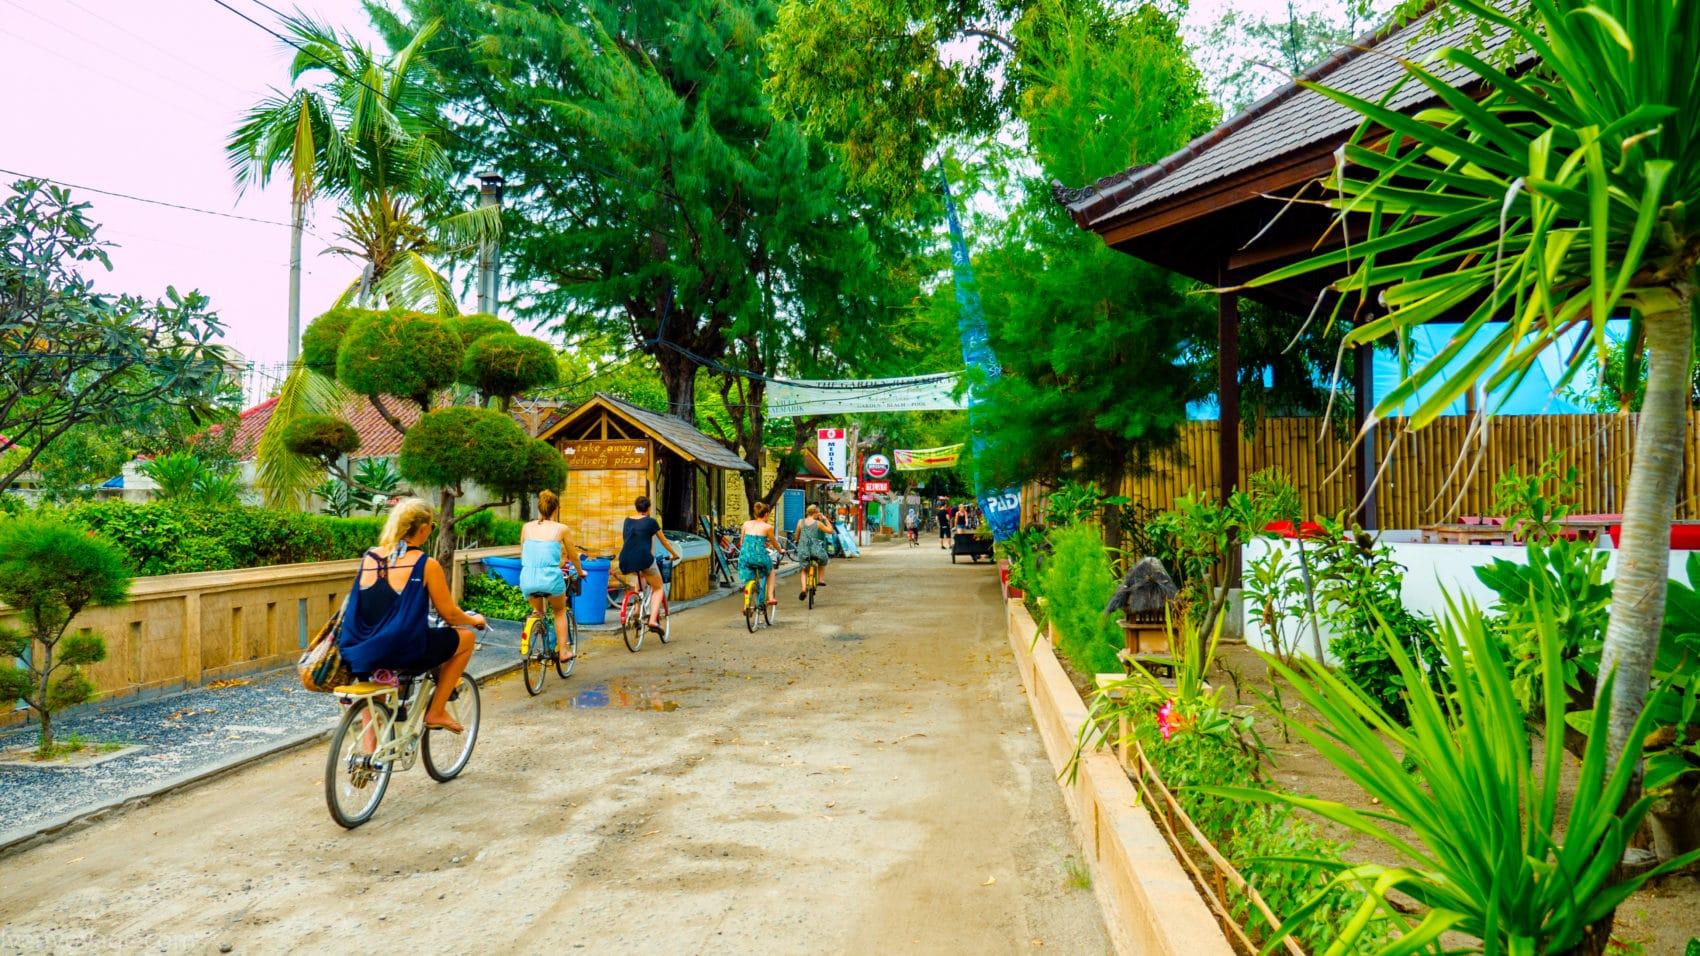 Les îles Gili : Laquelle choisir pour des vacances inoubliables ?